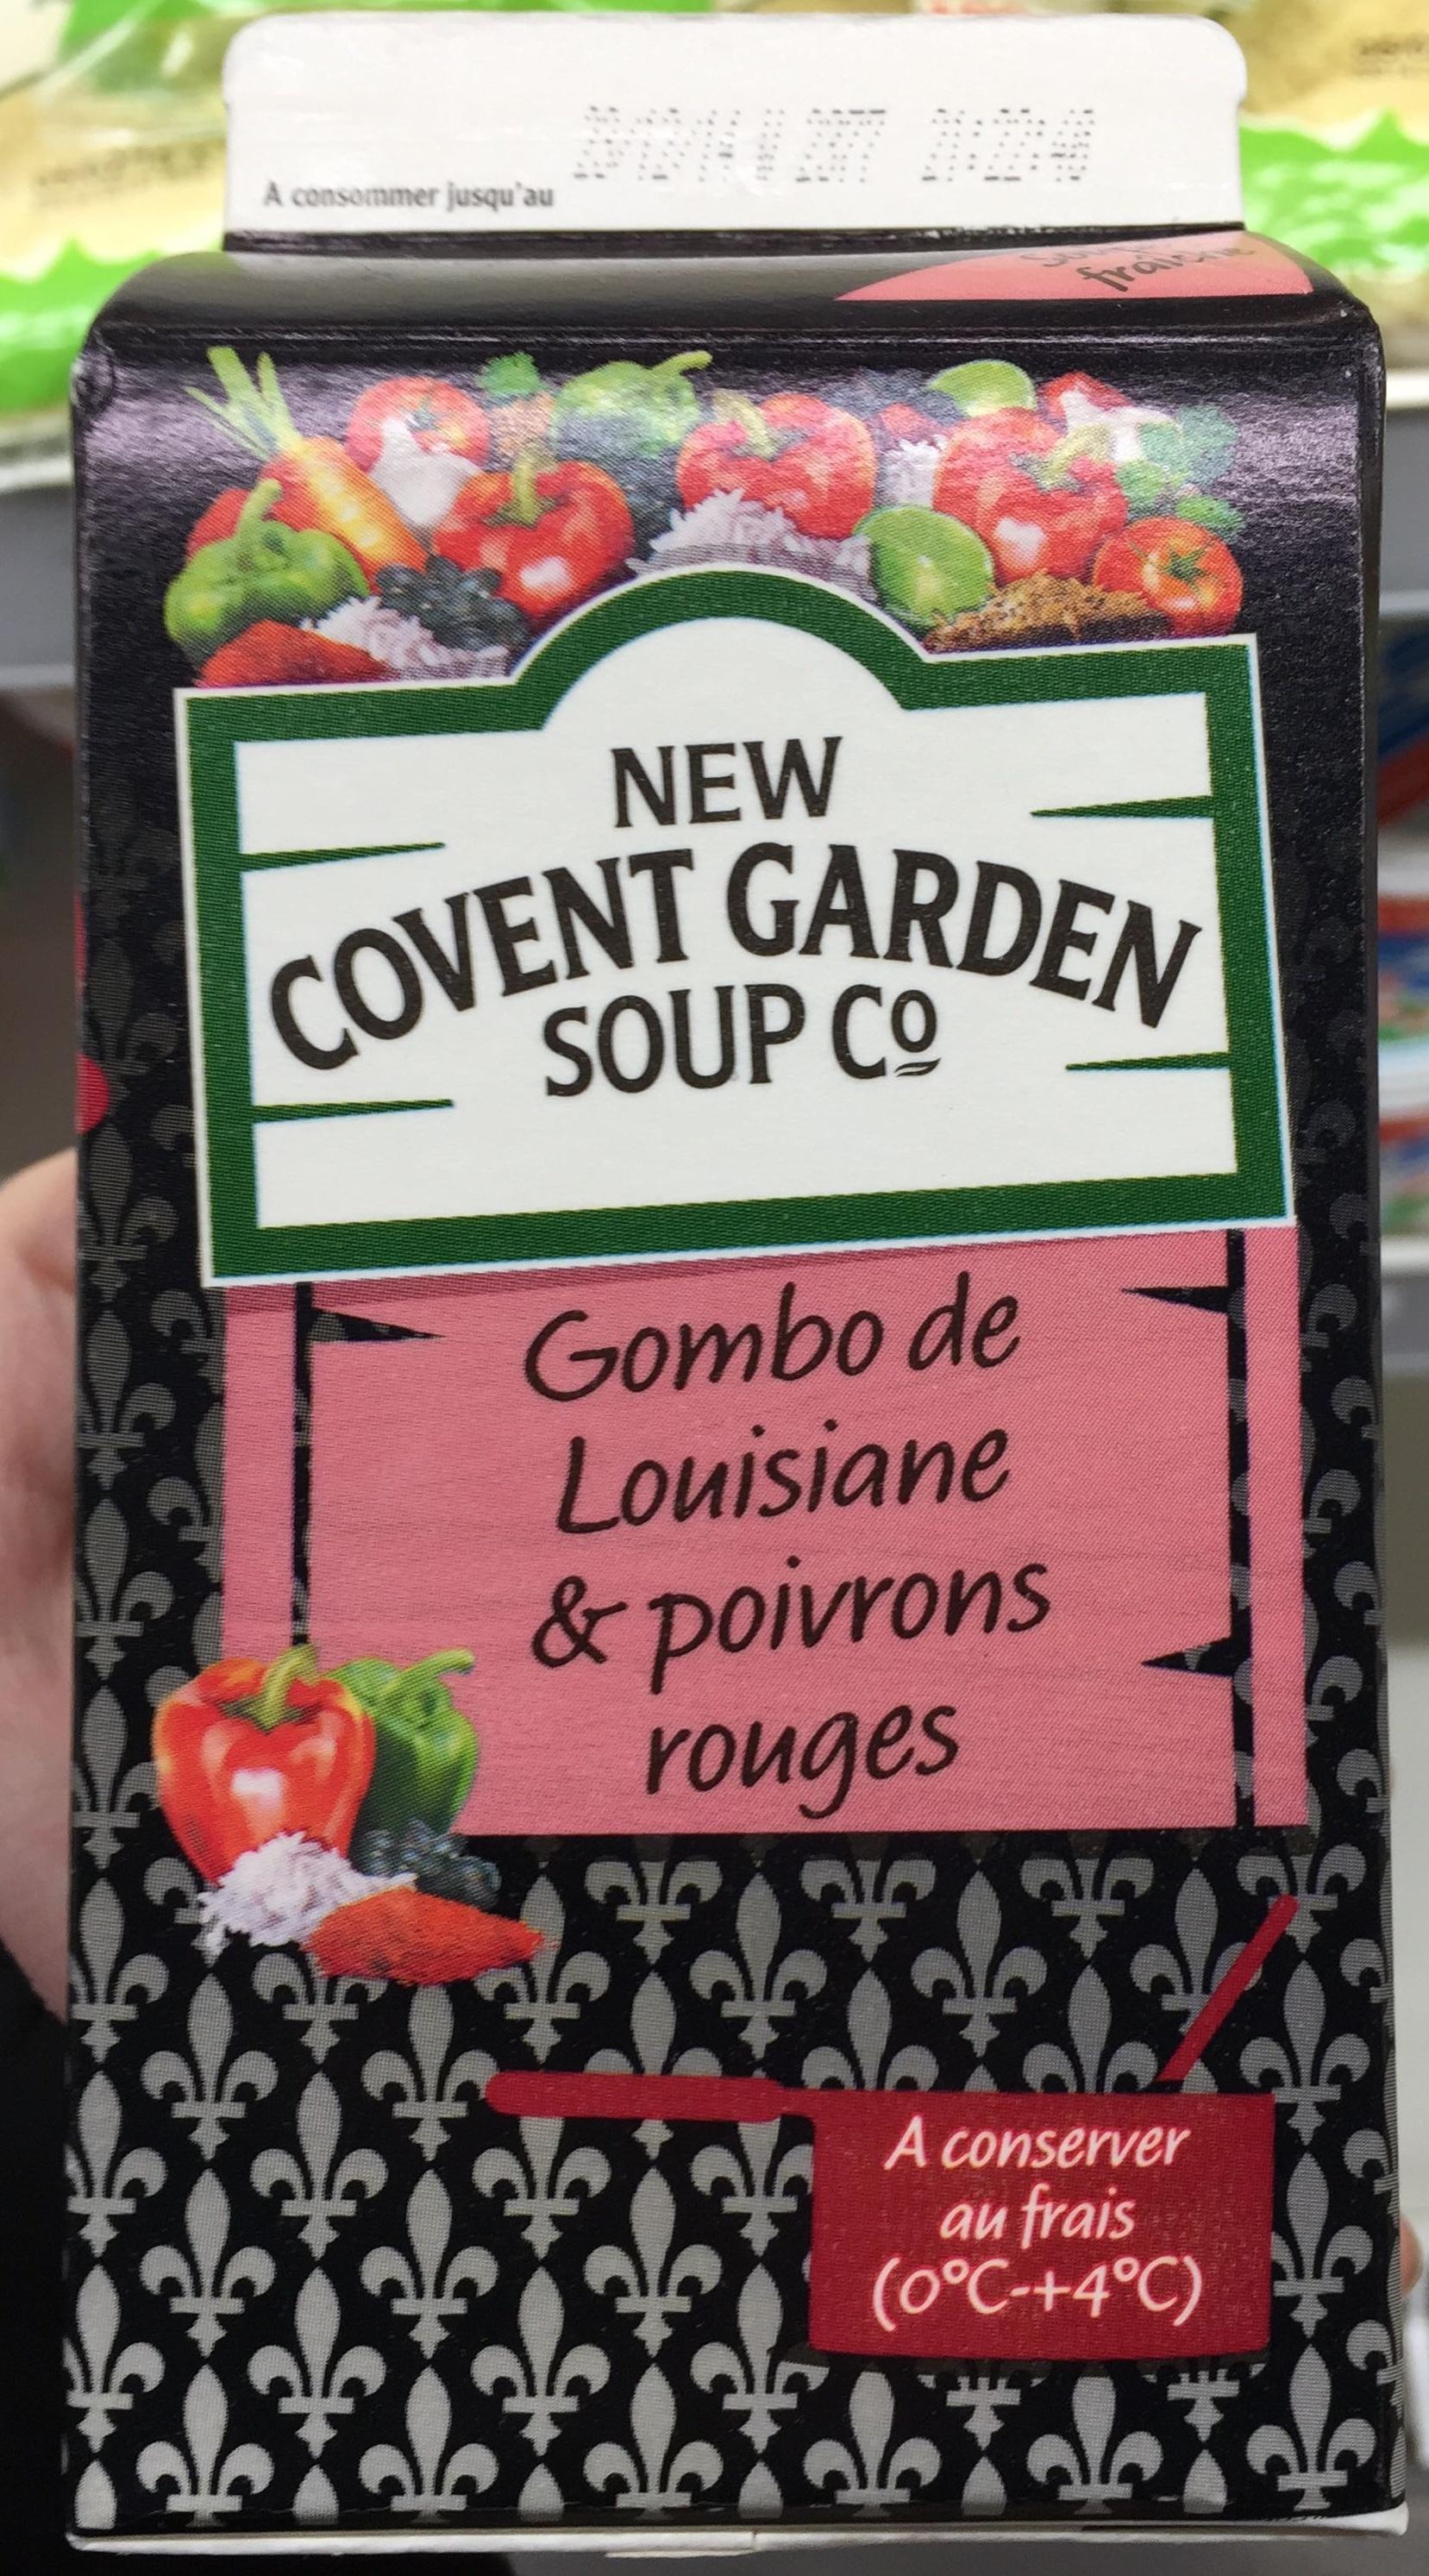 Gombo de Louisiane & poivrons rouges - Produit - fr